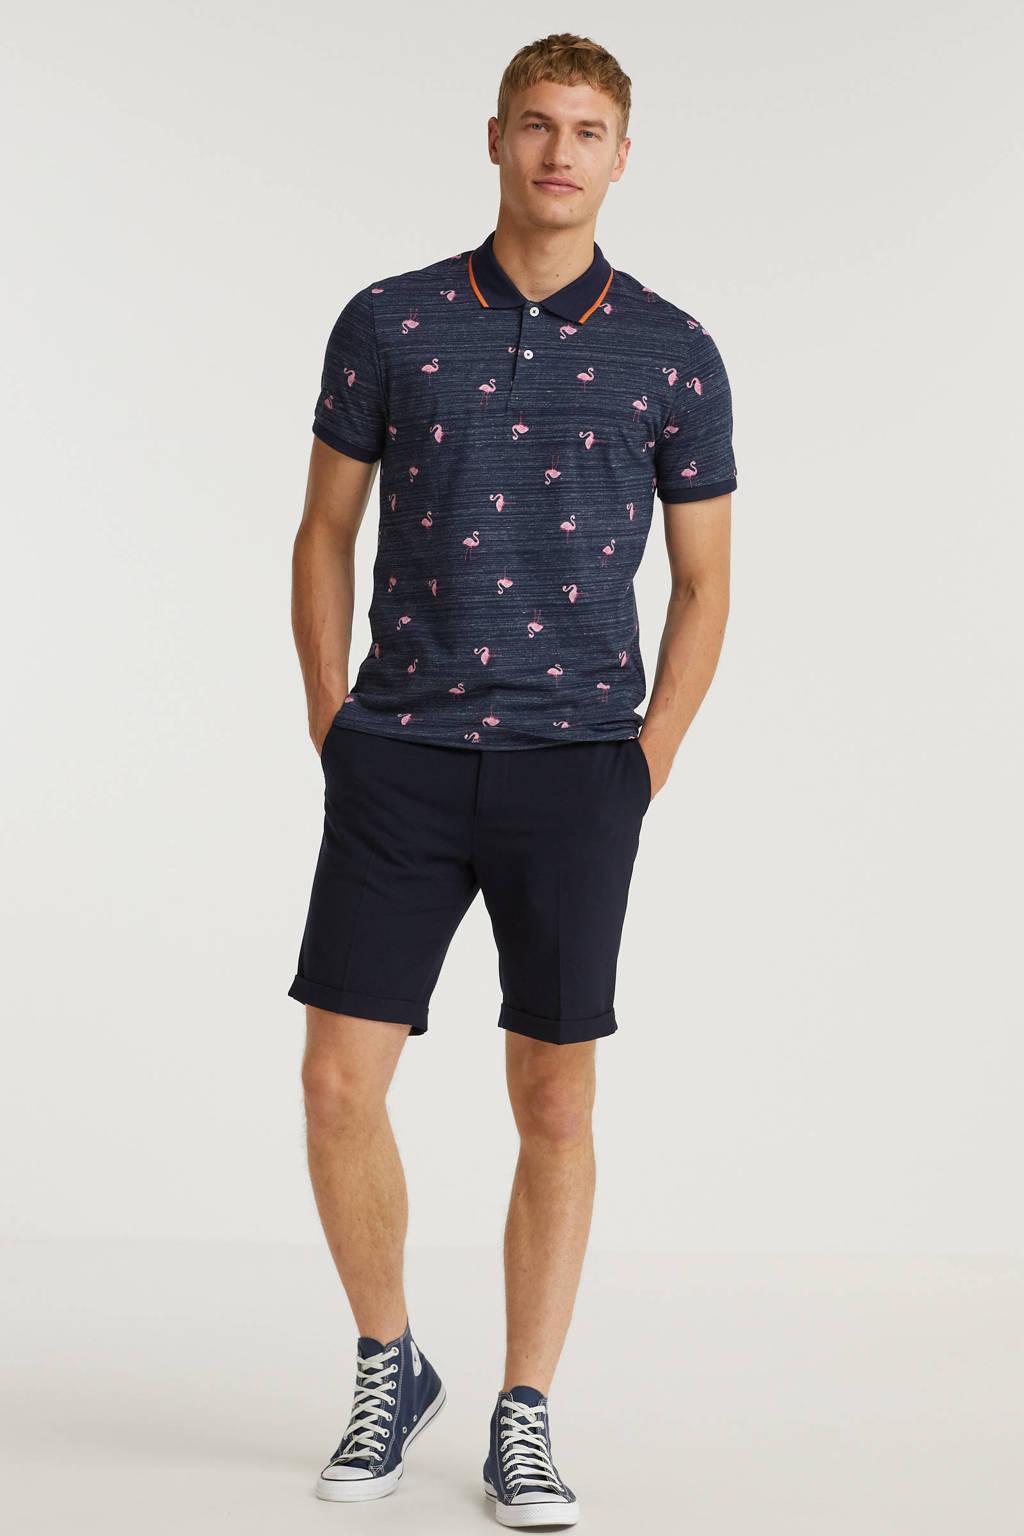 JACK & JONES ORIGINALS regular fit polo pool met all over print navy blazer, Navy Blazer